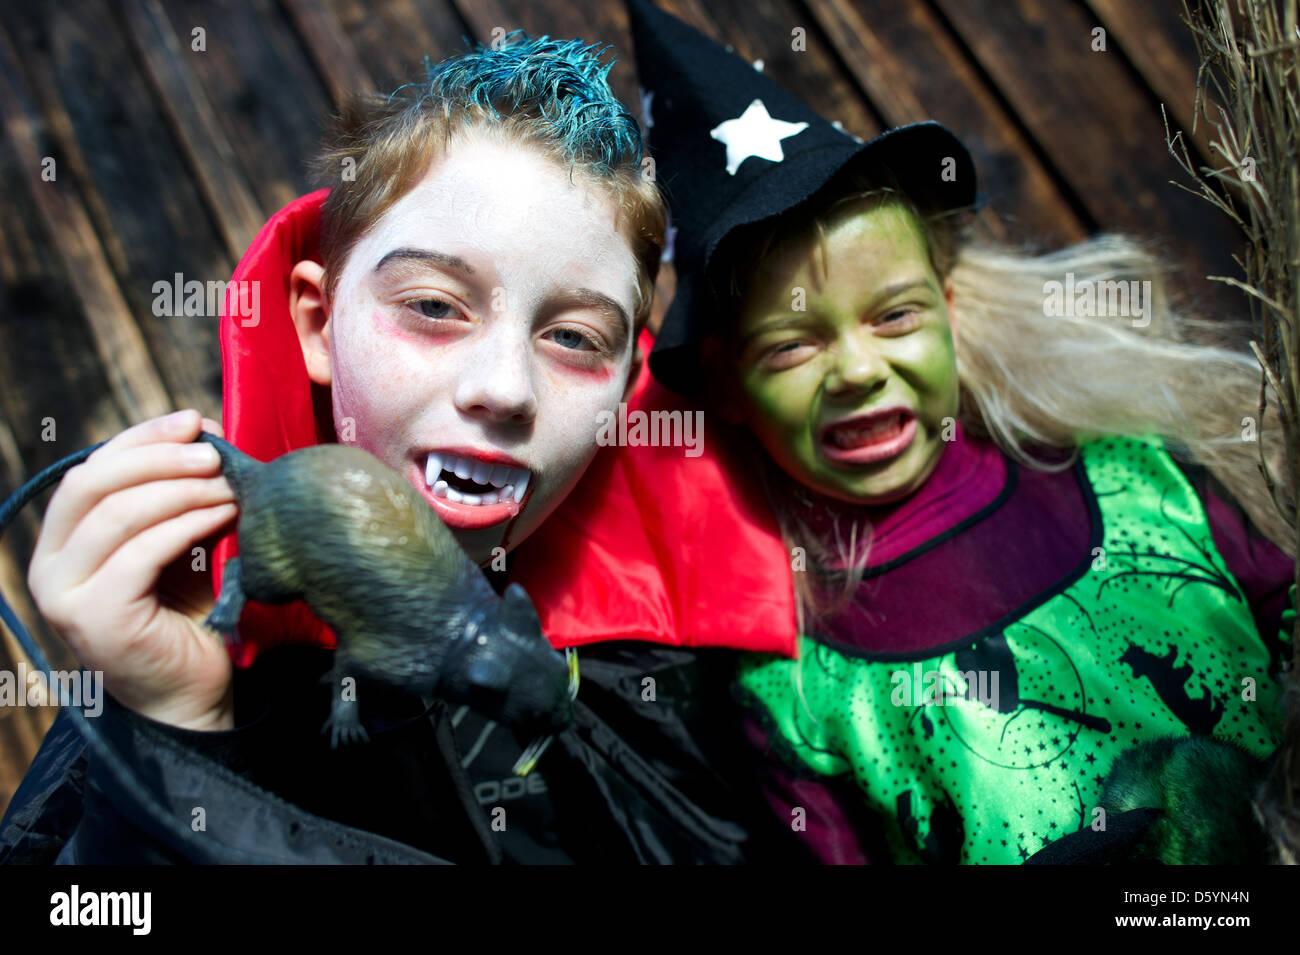 Geschwister Rowin (L) und Leticia werden als Vampir und Hexe ...